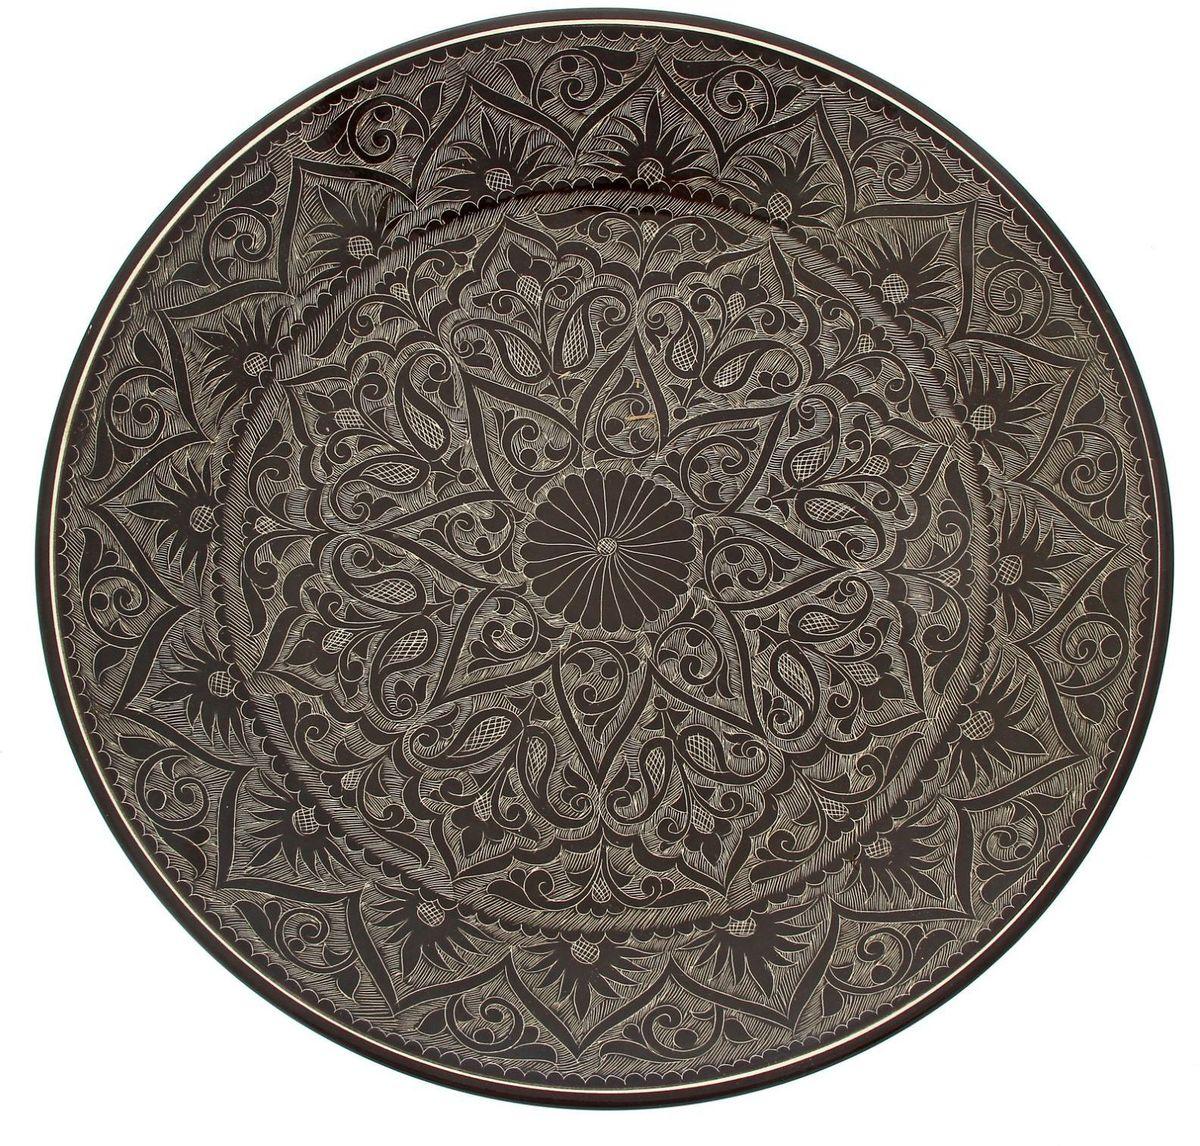 Ляган Риштанская керамика, диаметр 41 см. 19234571923457Ляган — это не просто обеденный атрибут, это украшение стола. Посуда с национальной росписью станет отменным подарком для ценителей высокородной посуды.Риштан — город на востоке Узбекистана, один из древнейших в Ферганской долине. С давних времён Риштан славится своим гончарным искусством изготовления цветной керамики. Красноватую глину для изделия добывают в самом городе. Мастера утверждают, что их глина настолько высокого качества, что даже не нуждается в предварительной обработке. Дополните коллекцию кухонных аксессуаров пряными восточными нотами.